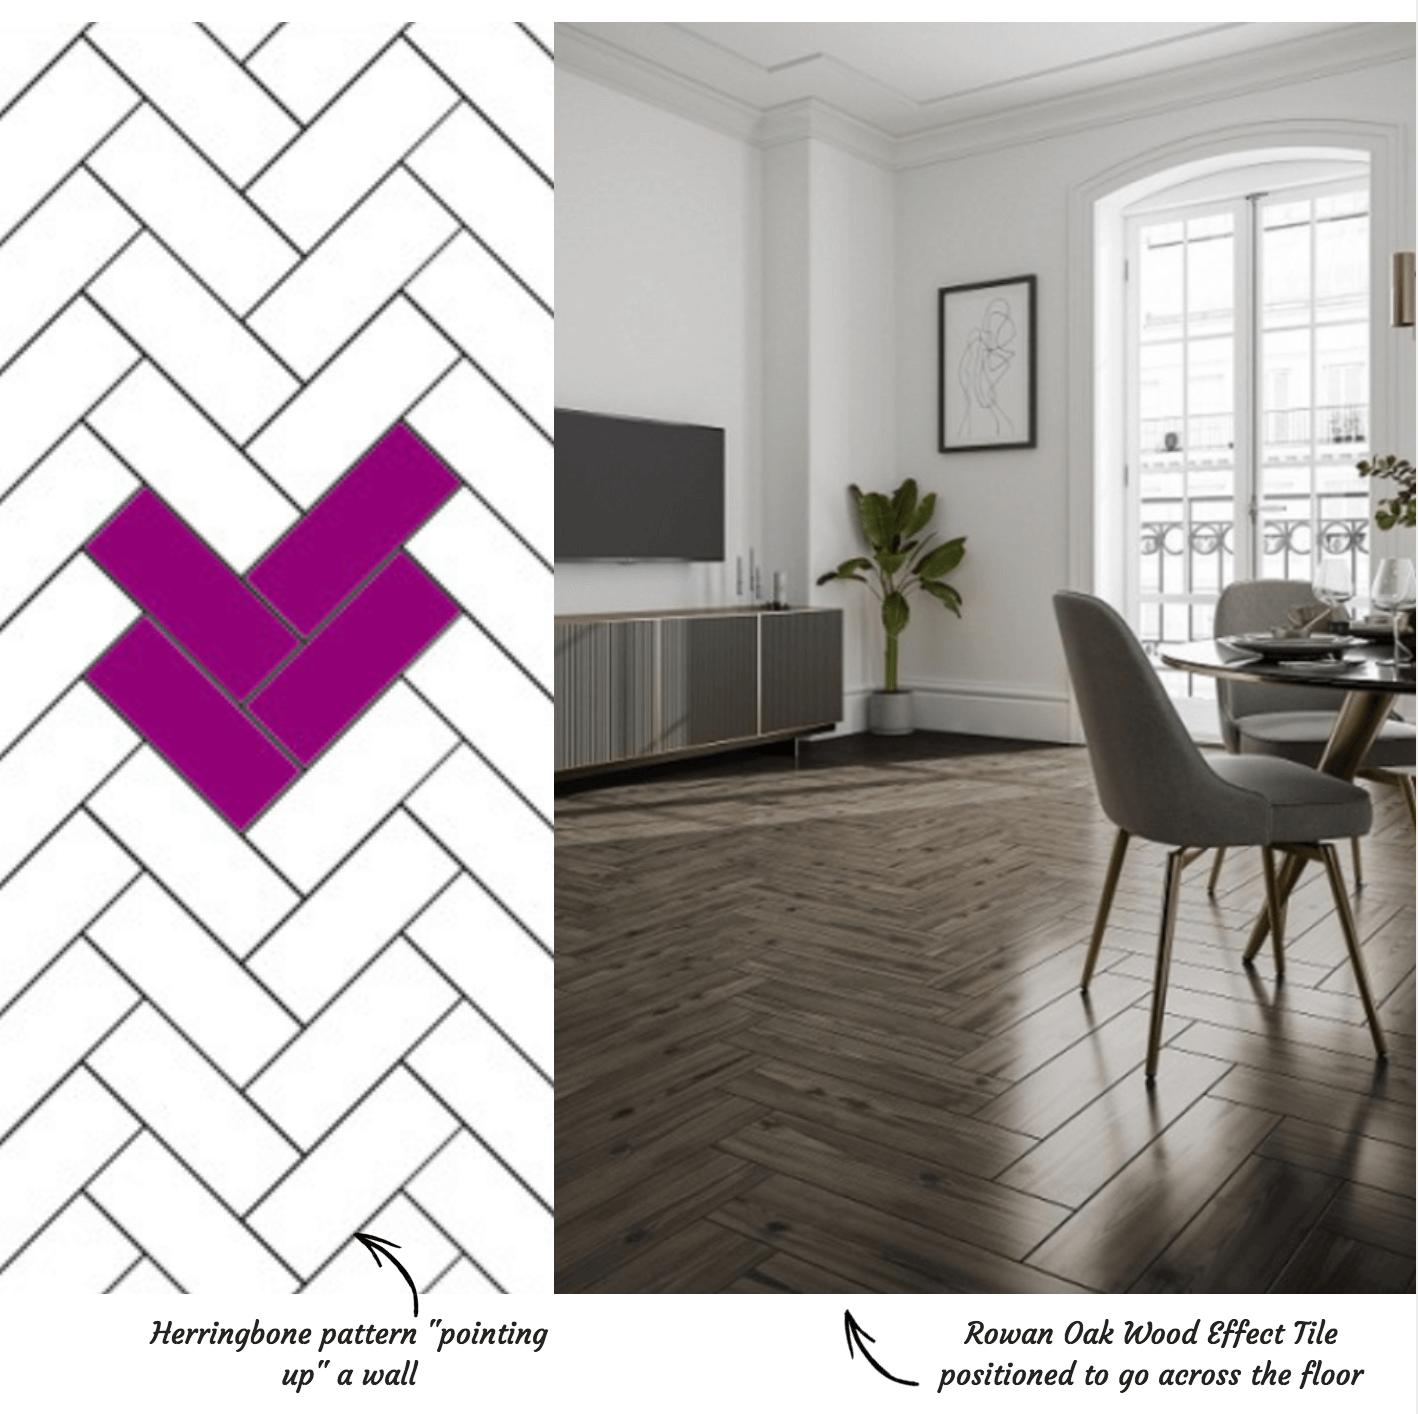 Herringbone Tile Pattern